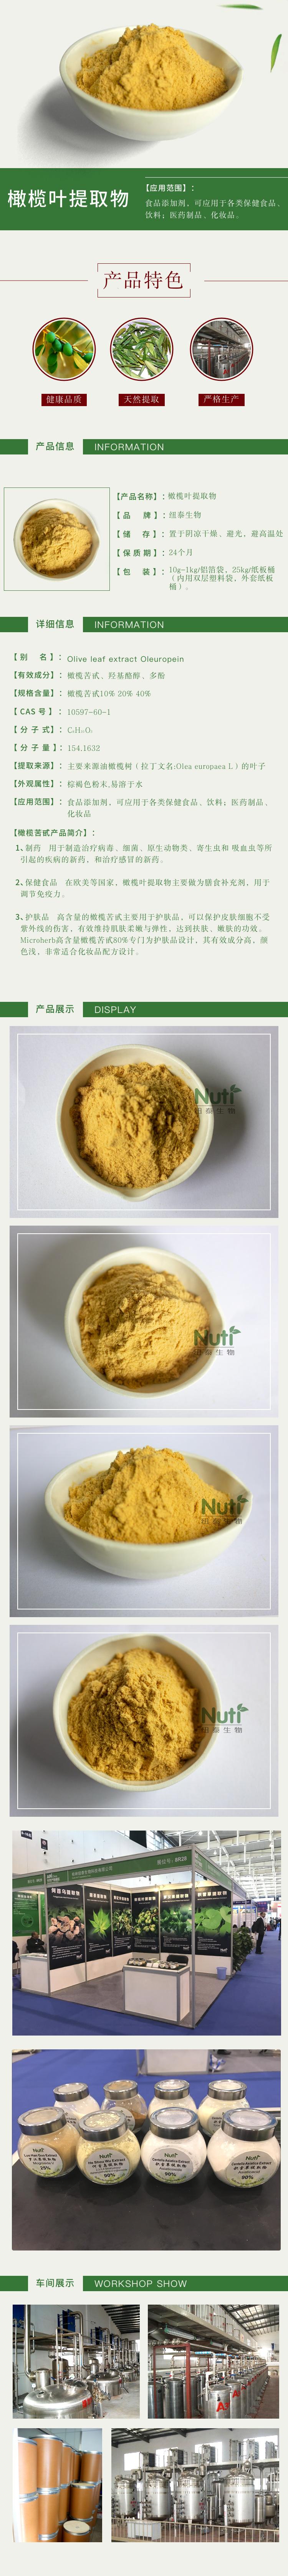 橄榄叶提取物 橄榄苦甙 羟基酪醇对照品示例图1